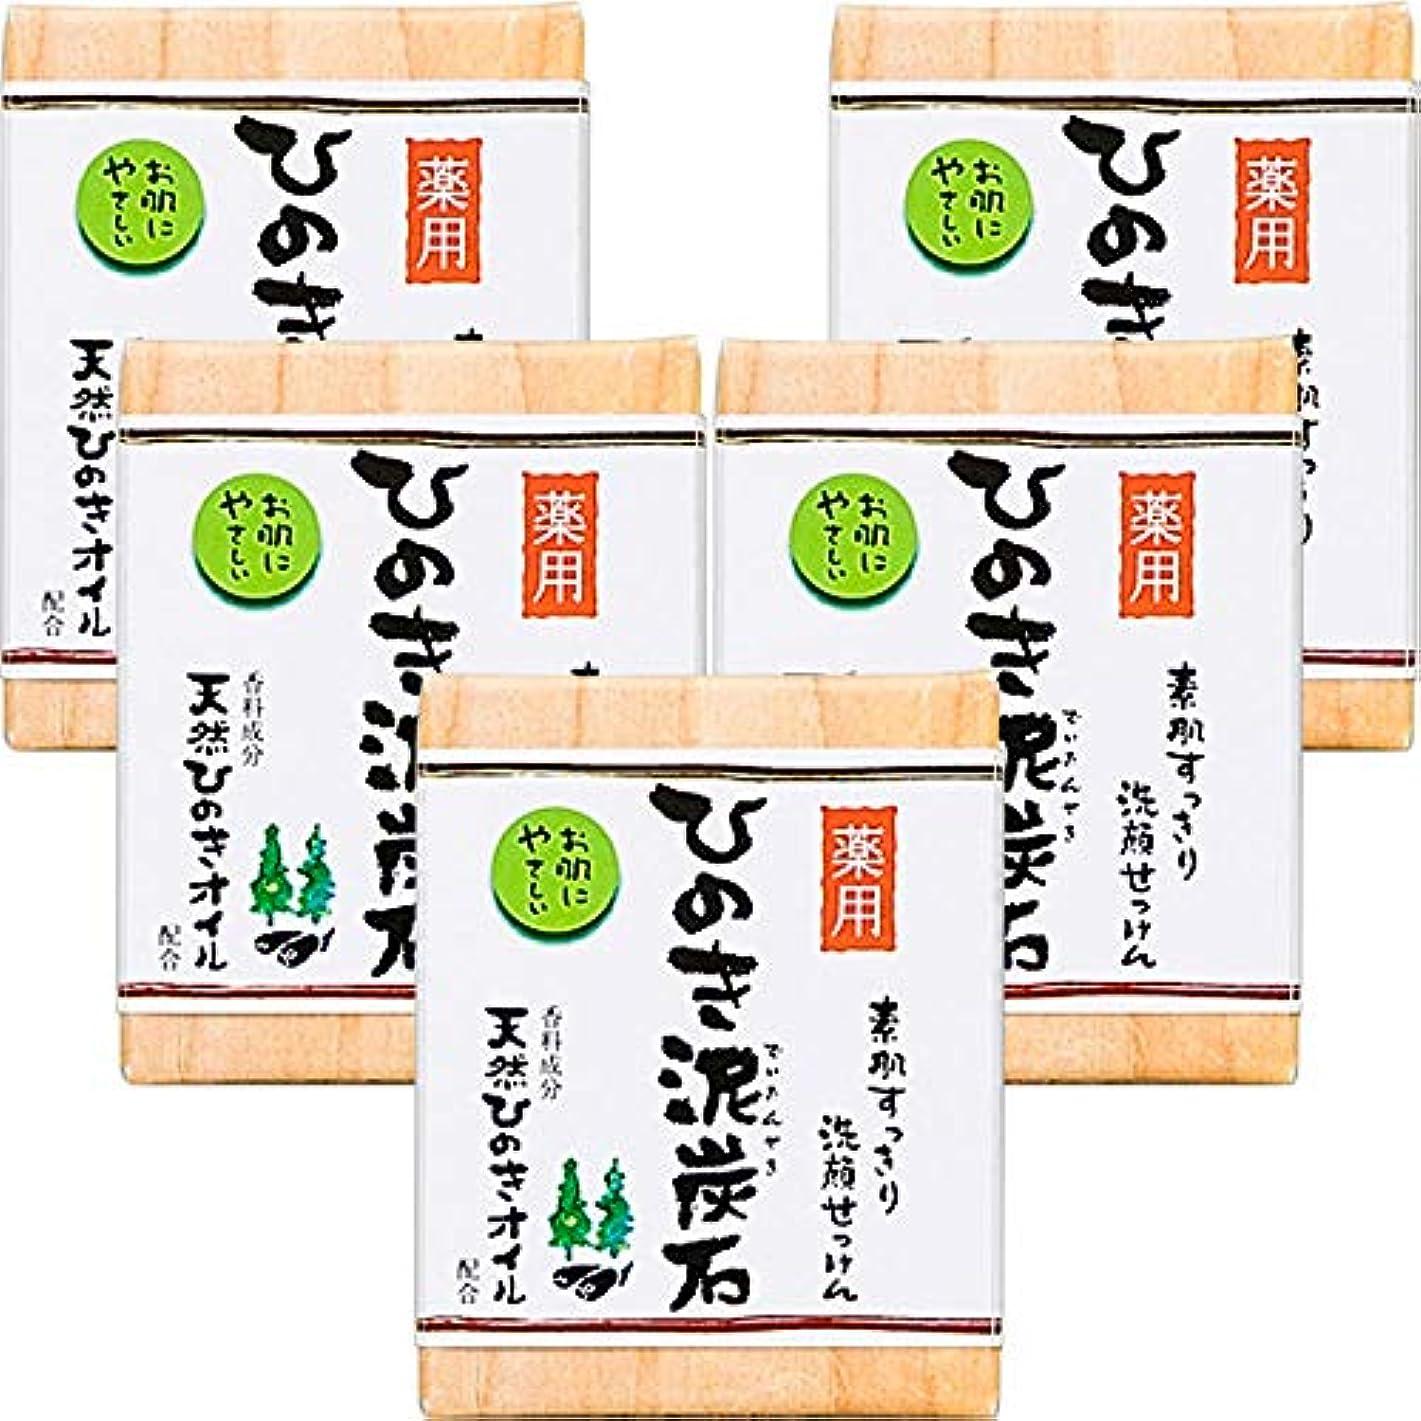 はしごええ商人薬用 ひのき泥炭石 (75g×5個) 洗顔 石けん [天然ひのきオイル配合] 肌荒れ防止